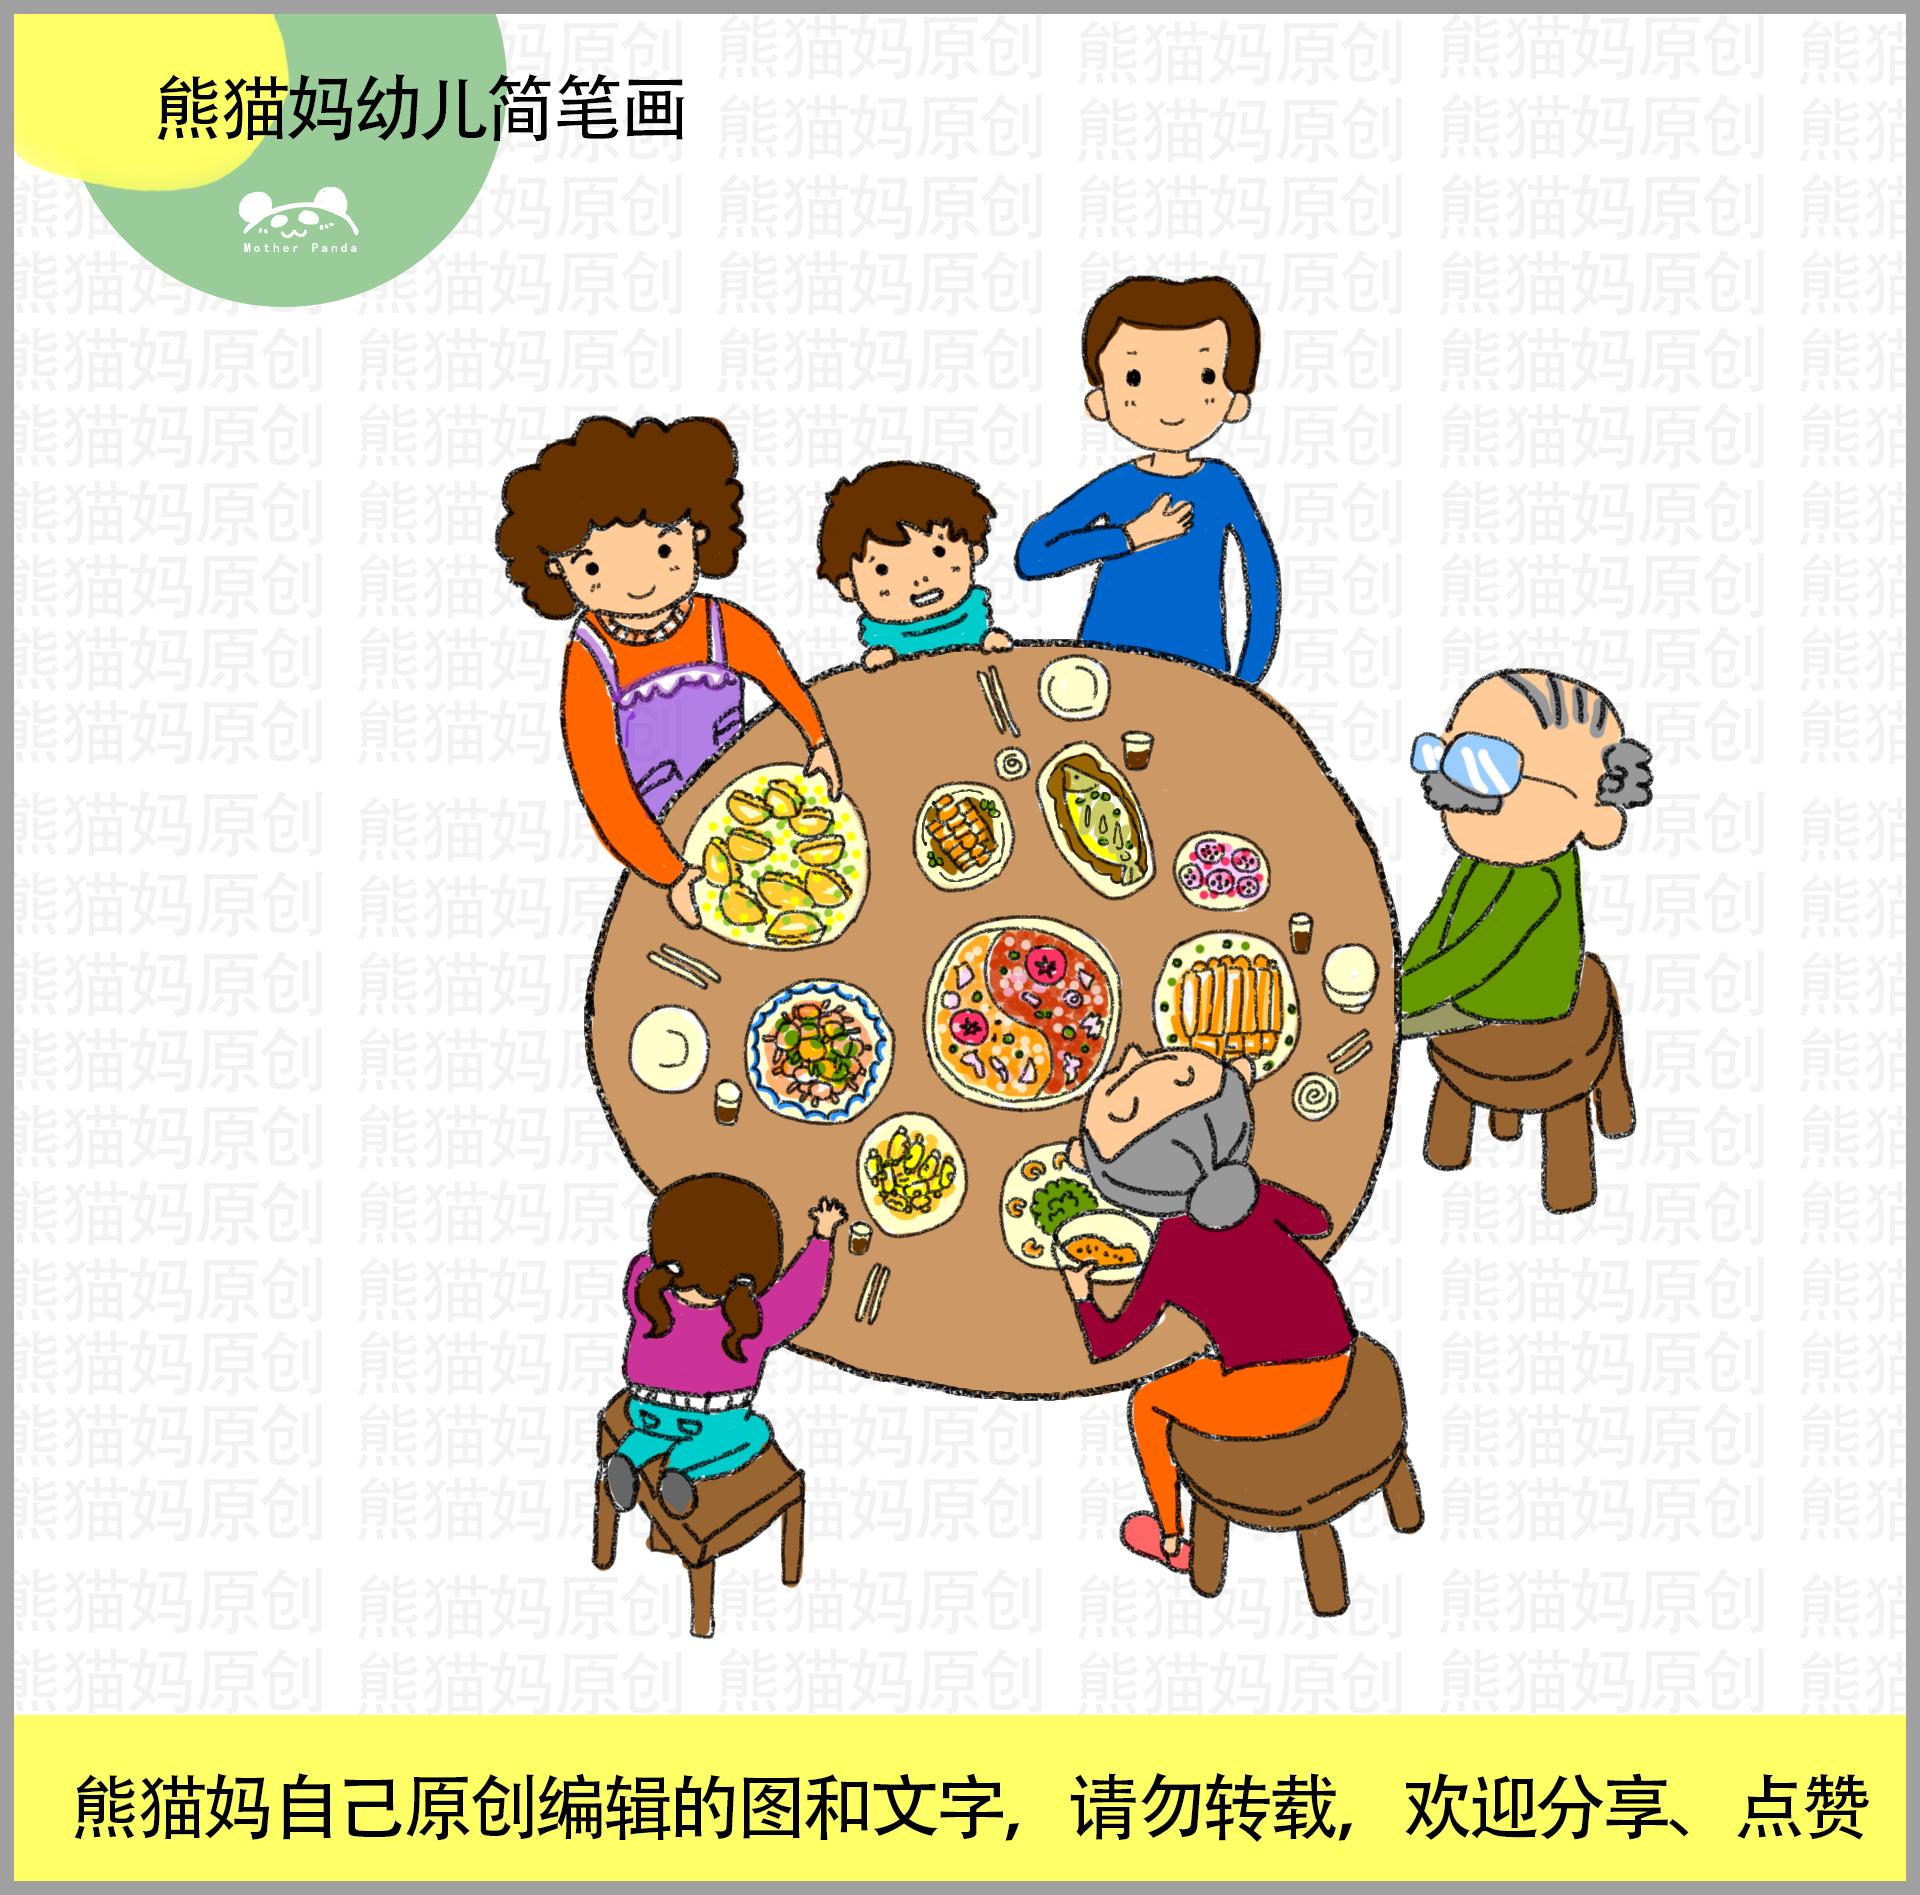 亲子幼儿简笔画:团团圆圆,一起过新年